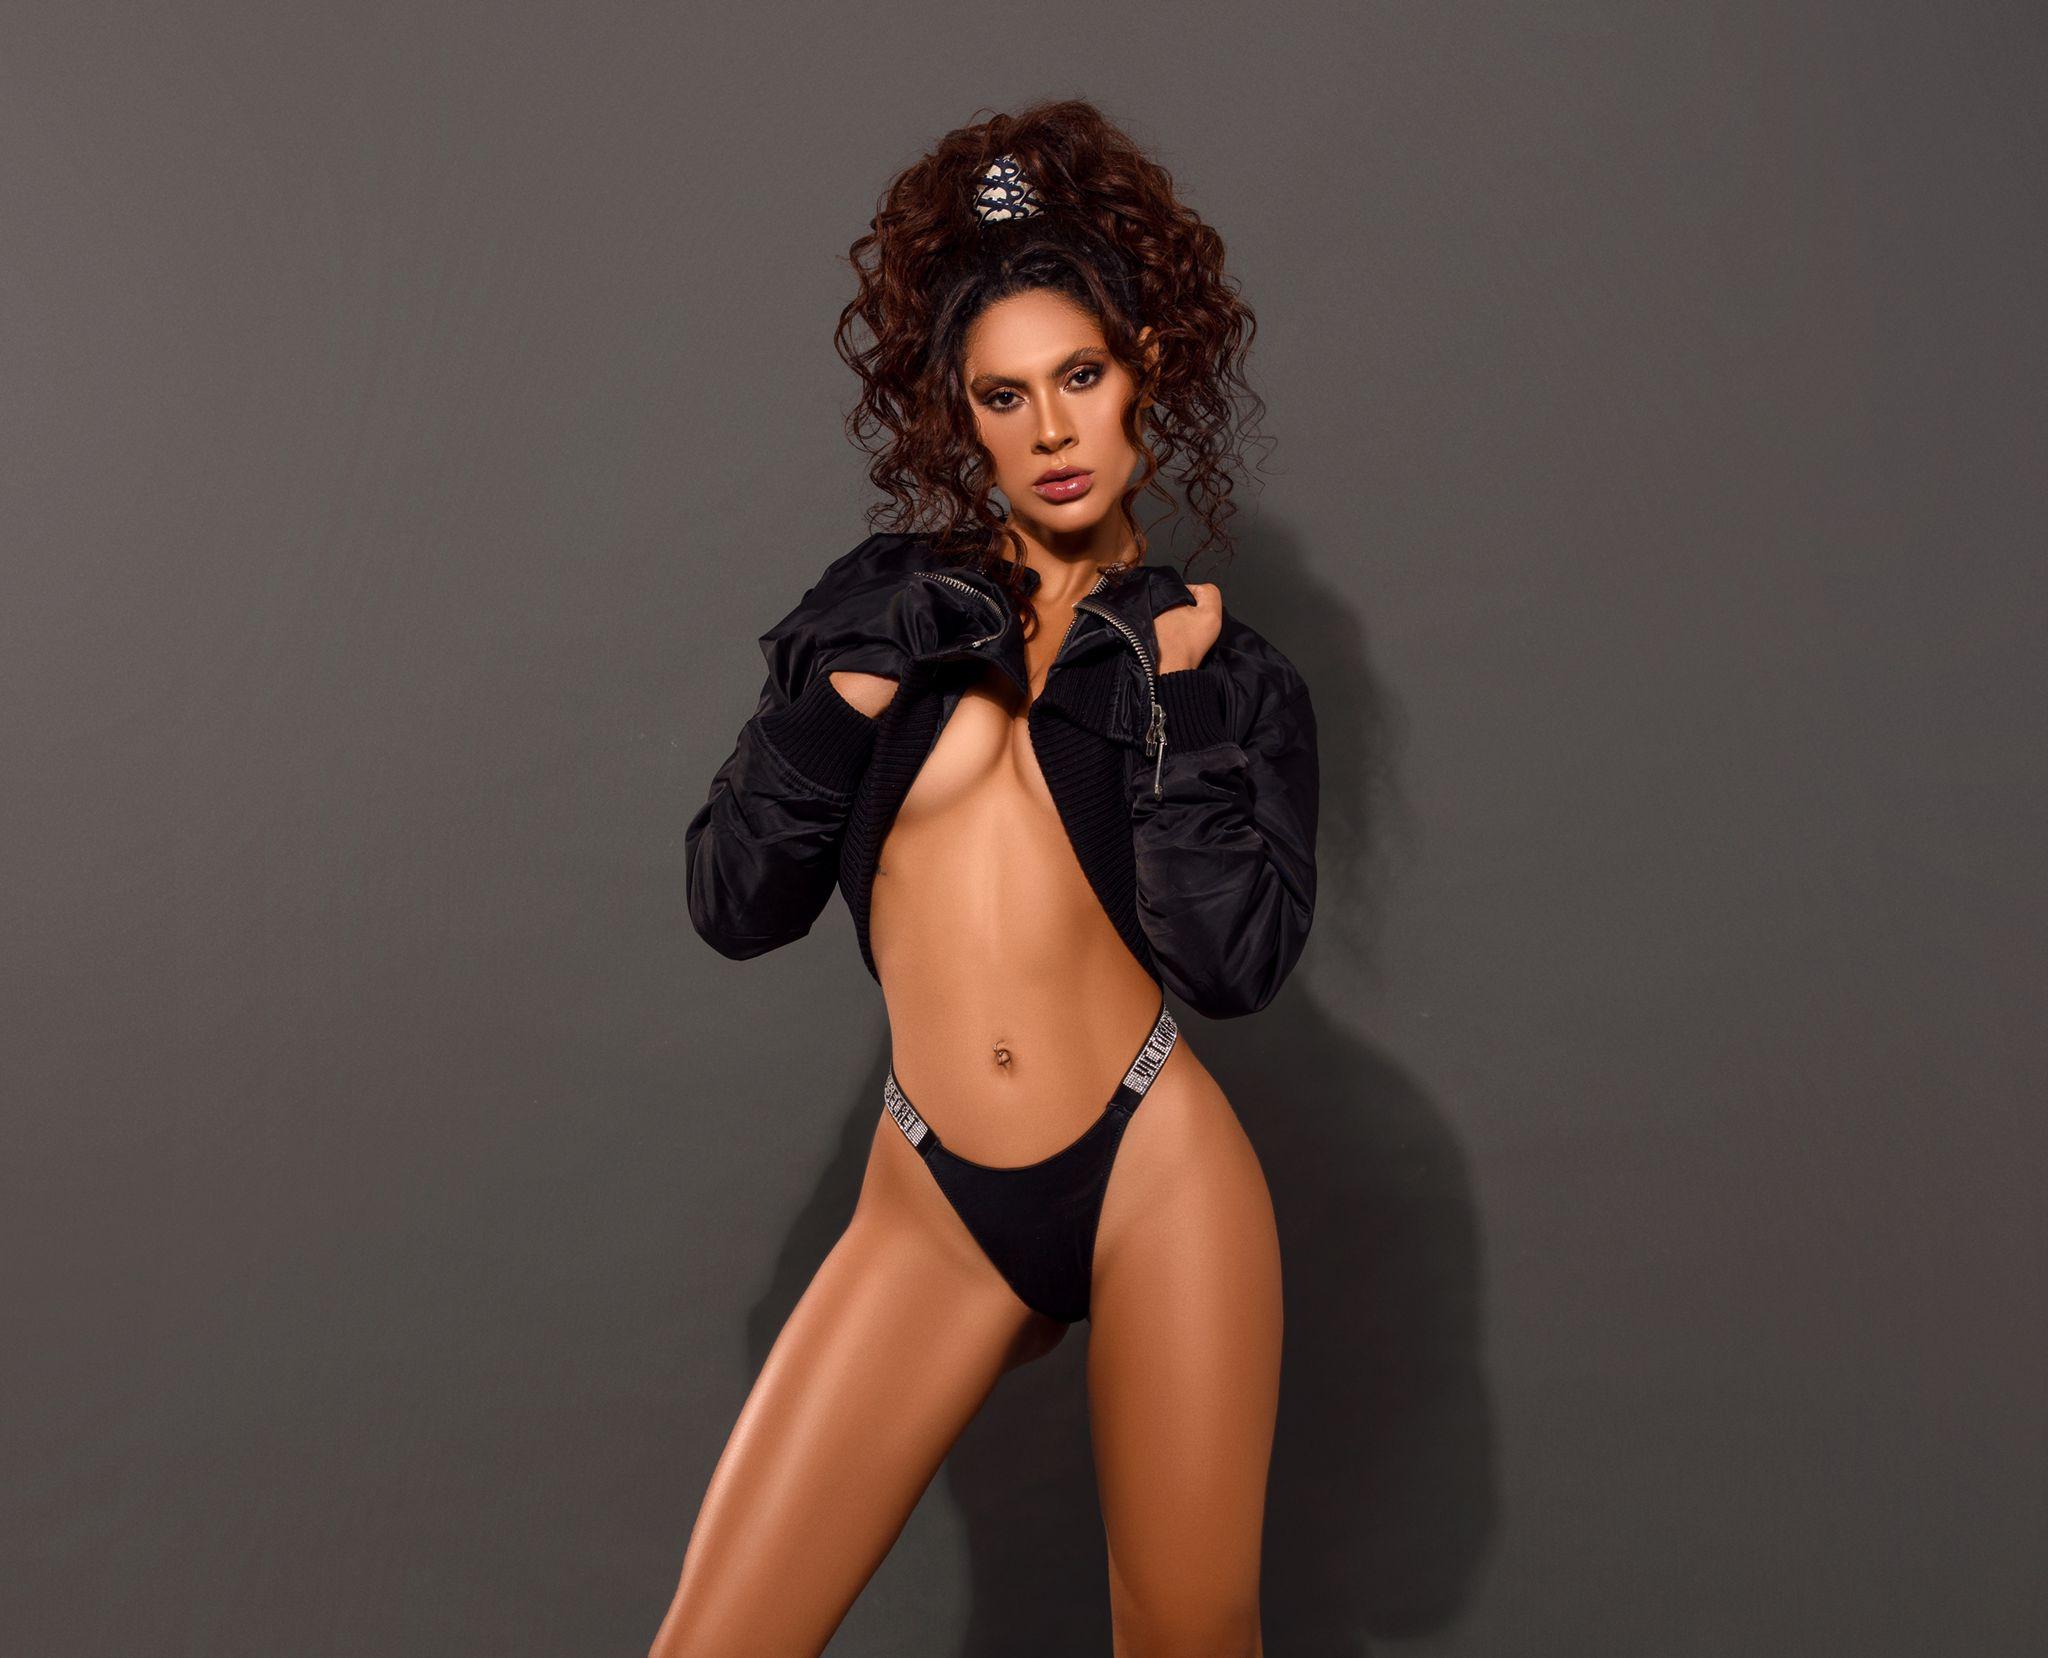 Modelo Cristina Mendonça (Foto: Mari Araújo/ Divulgação)